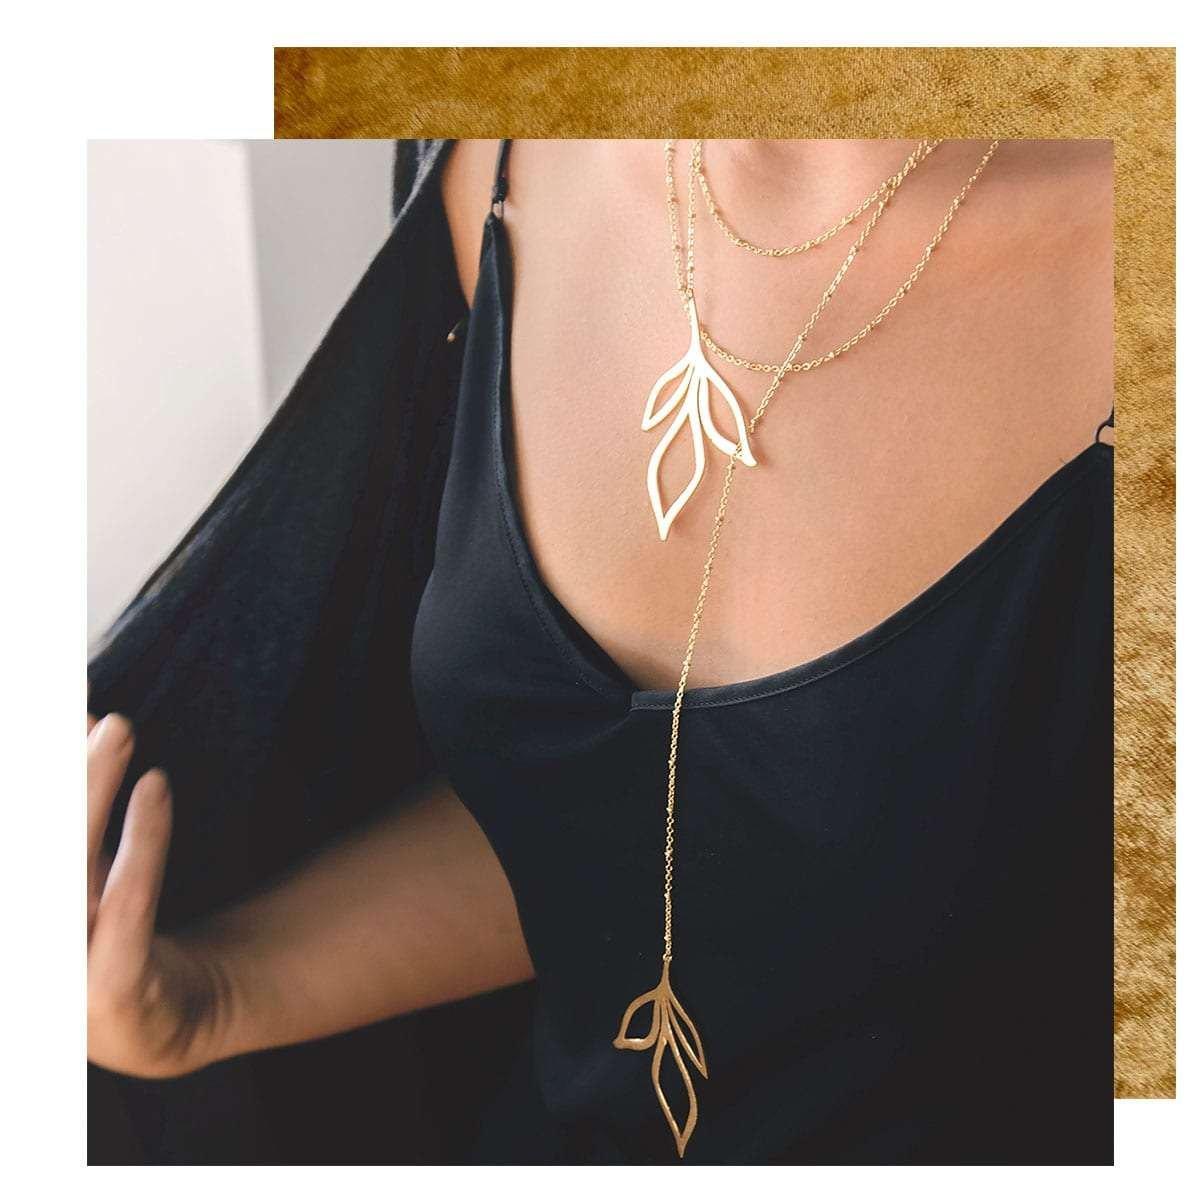 Broken Branch Necklace - Atelier Petites Pierres